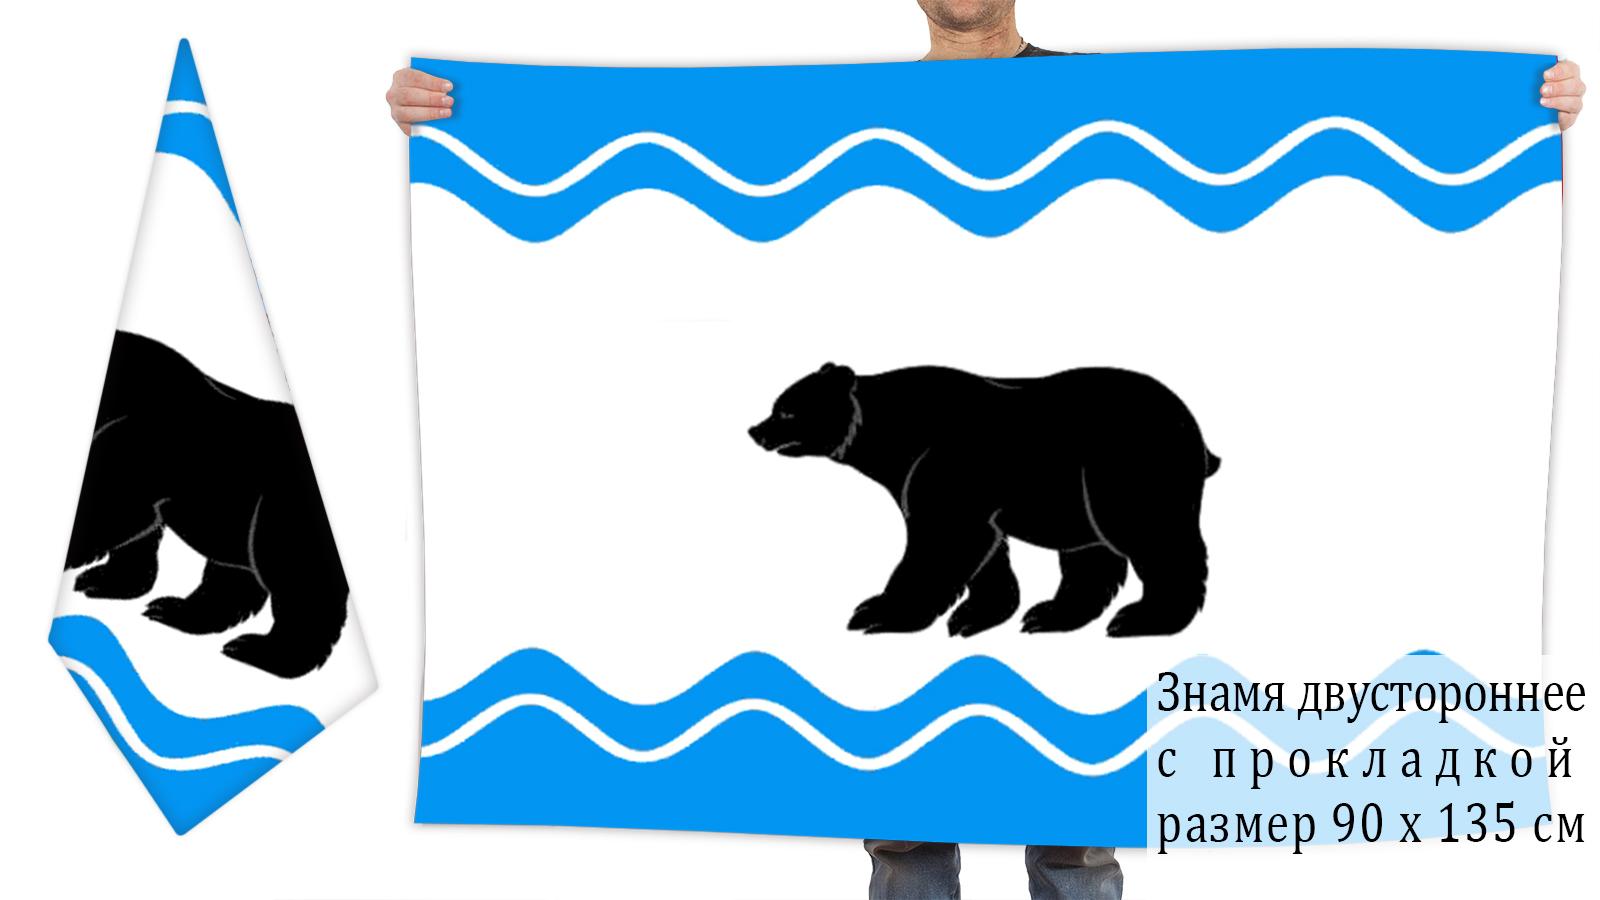 Двусторонний флаг Очёрского района